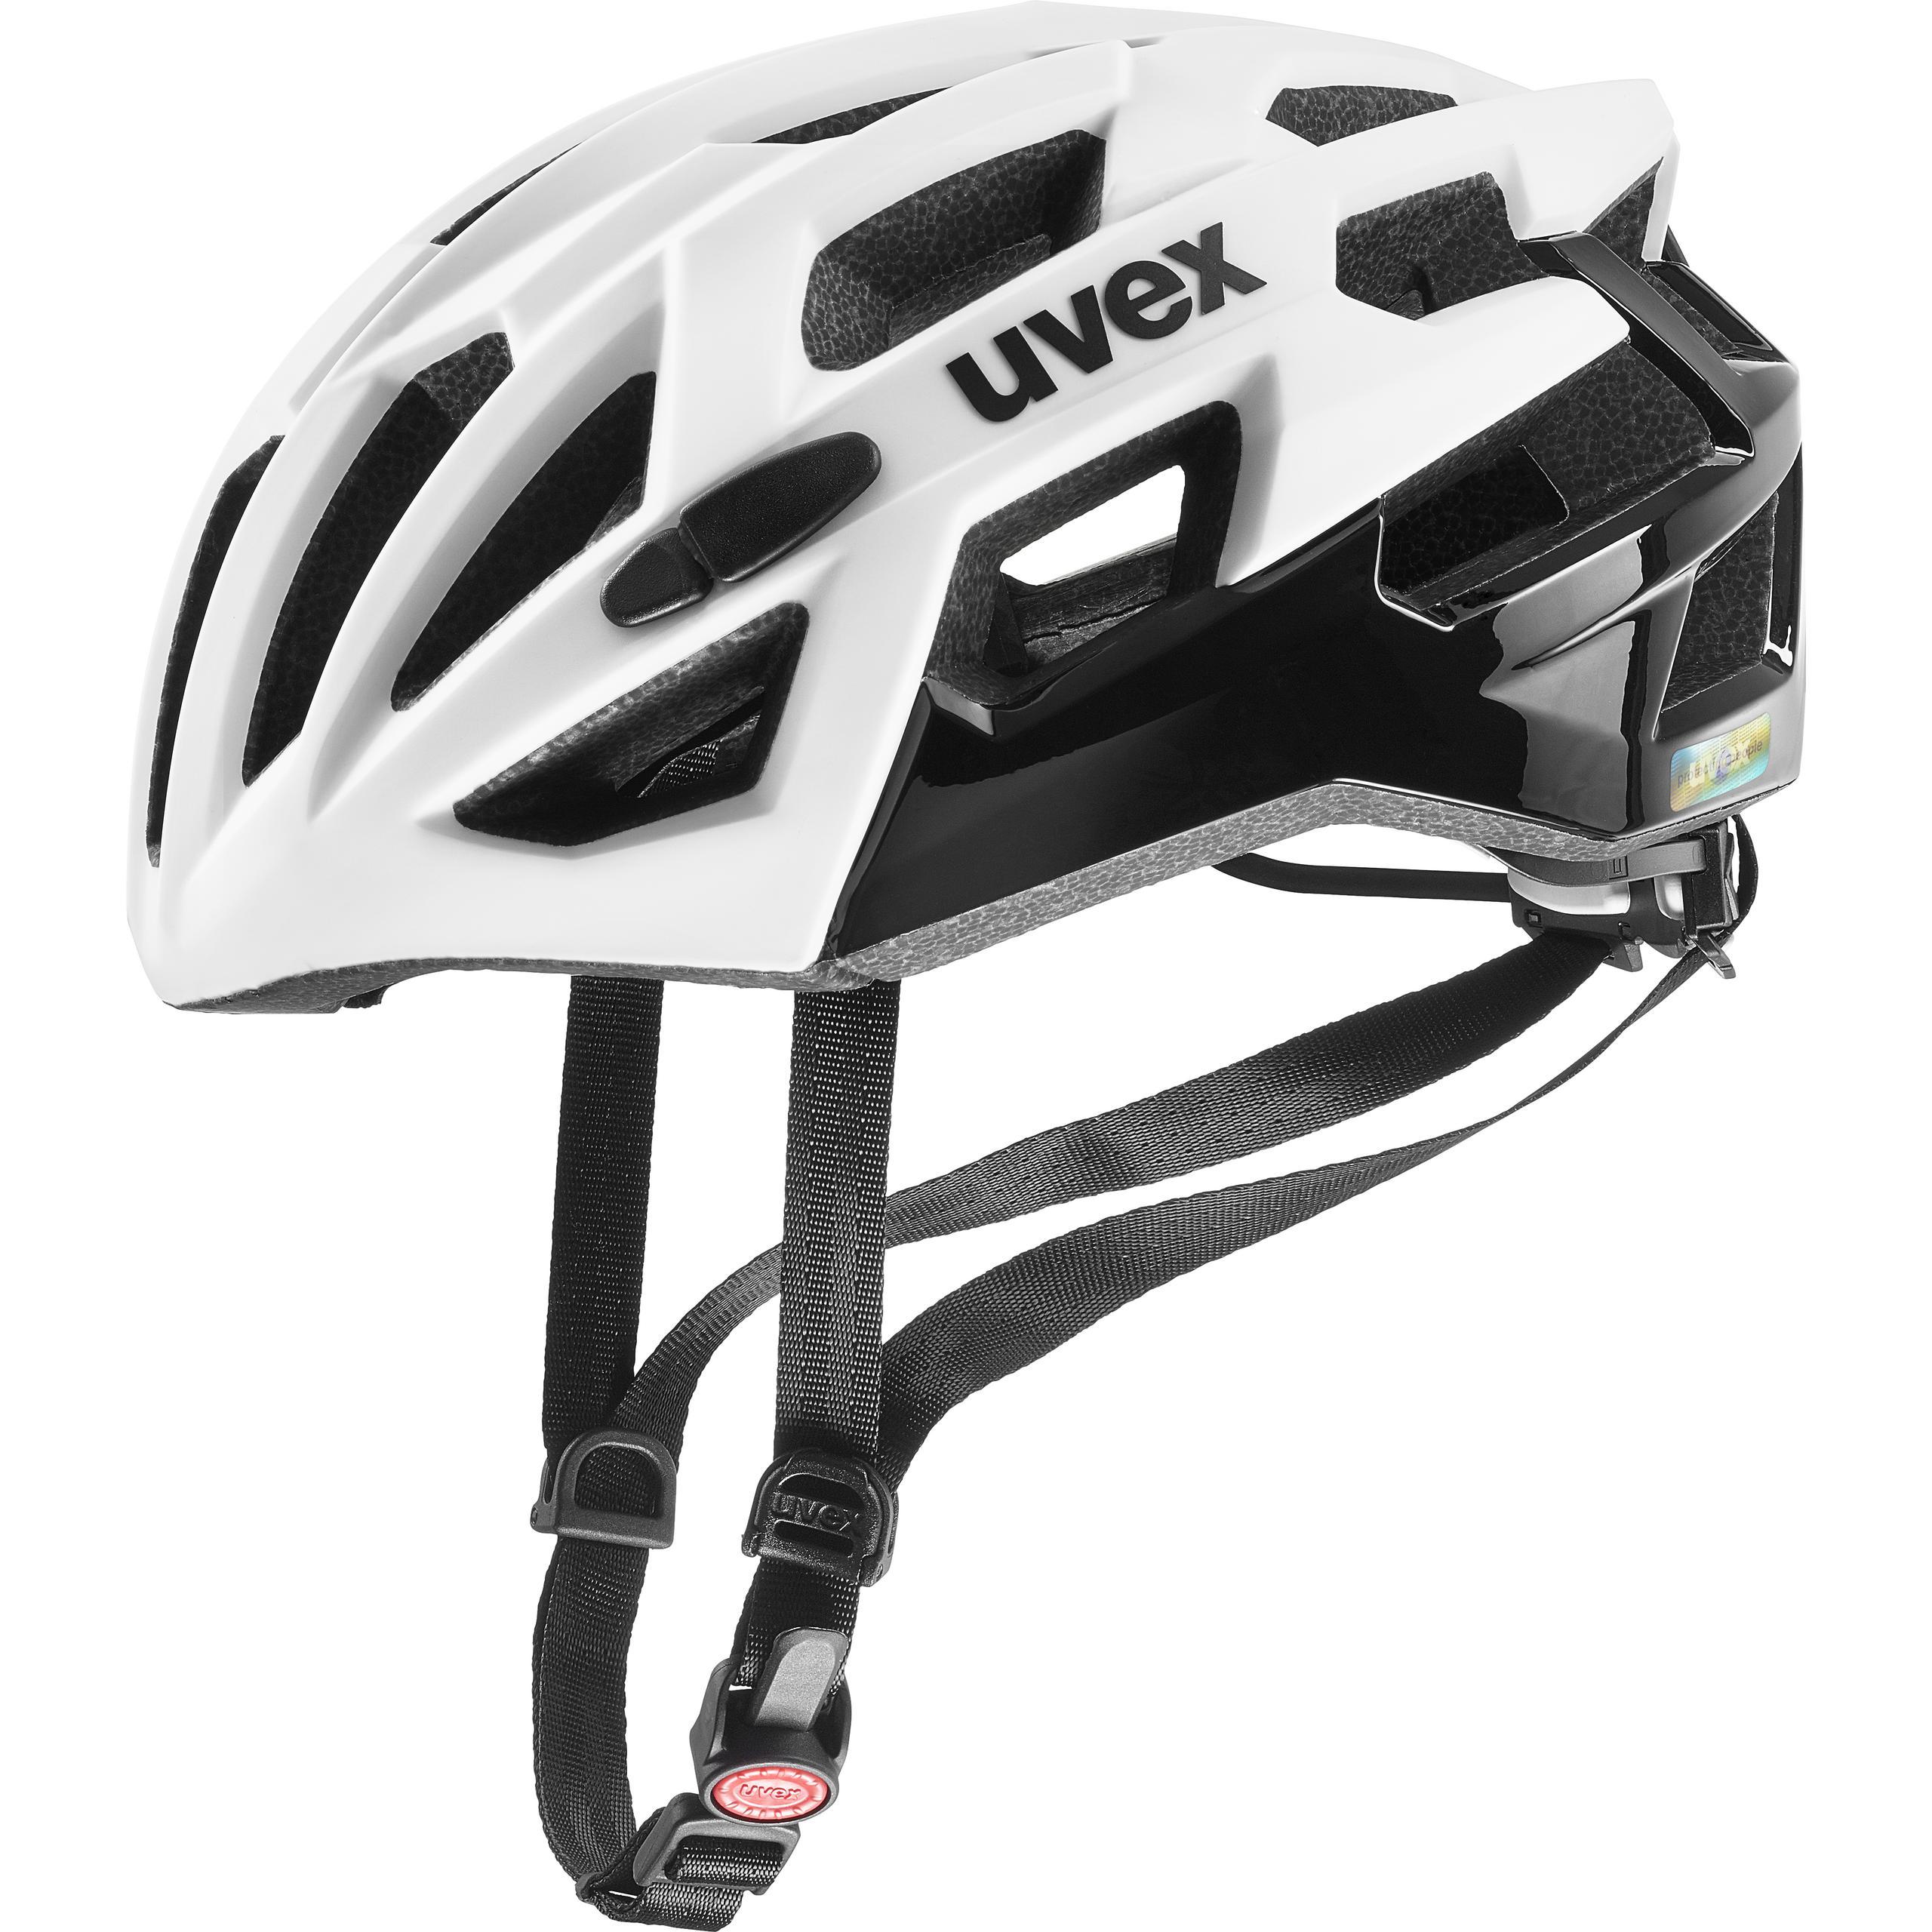 Race Classic White Uvex Bike Helmets Bike Helmets 51-55